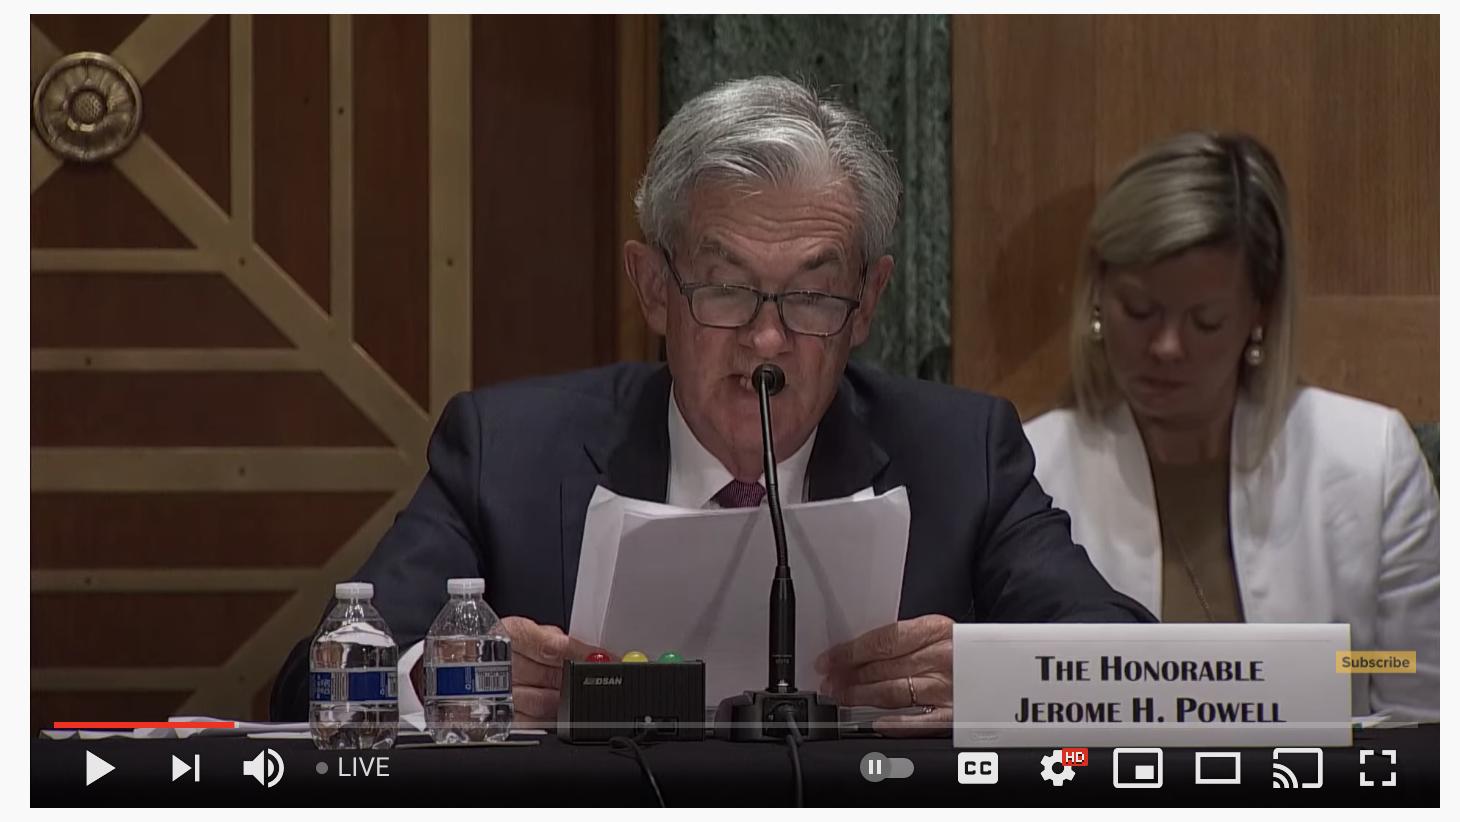 美联储鲍威尔:尚未对CBDC利弊做出决定,加密货币未能成为一种可行的支付方式